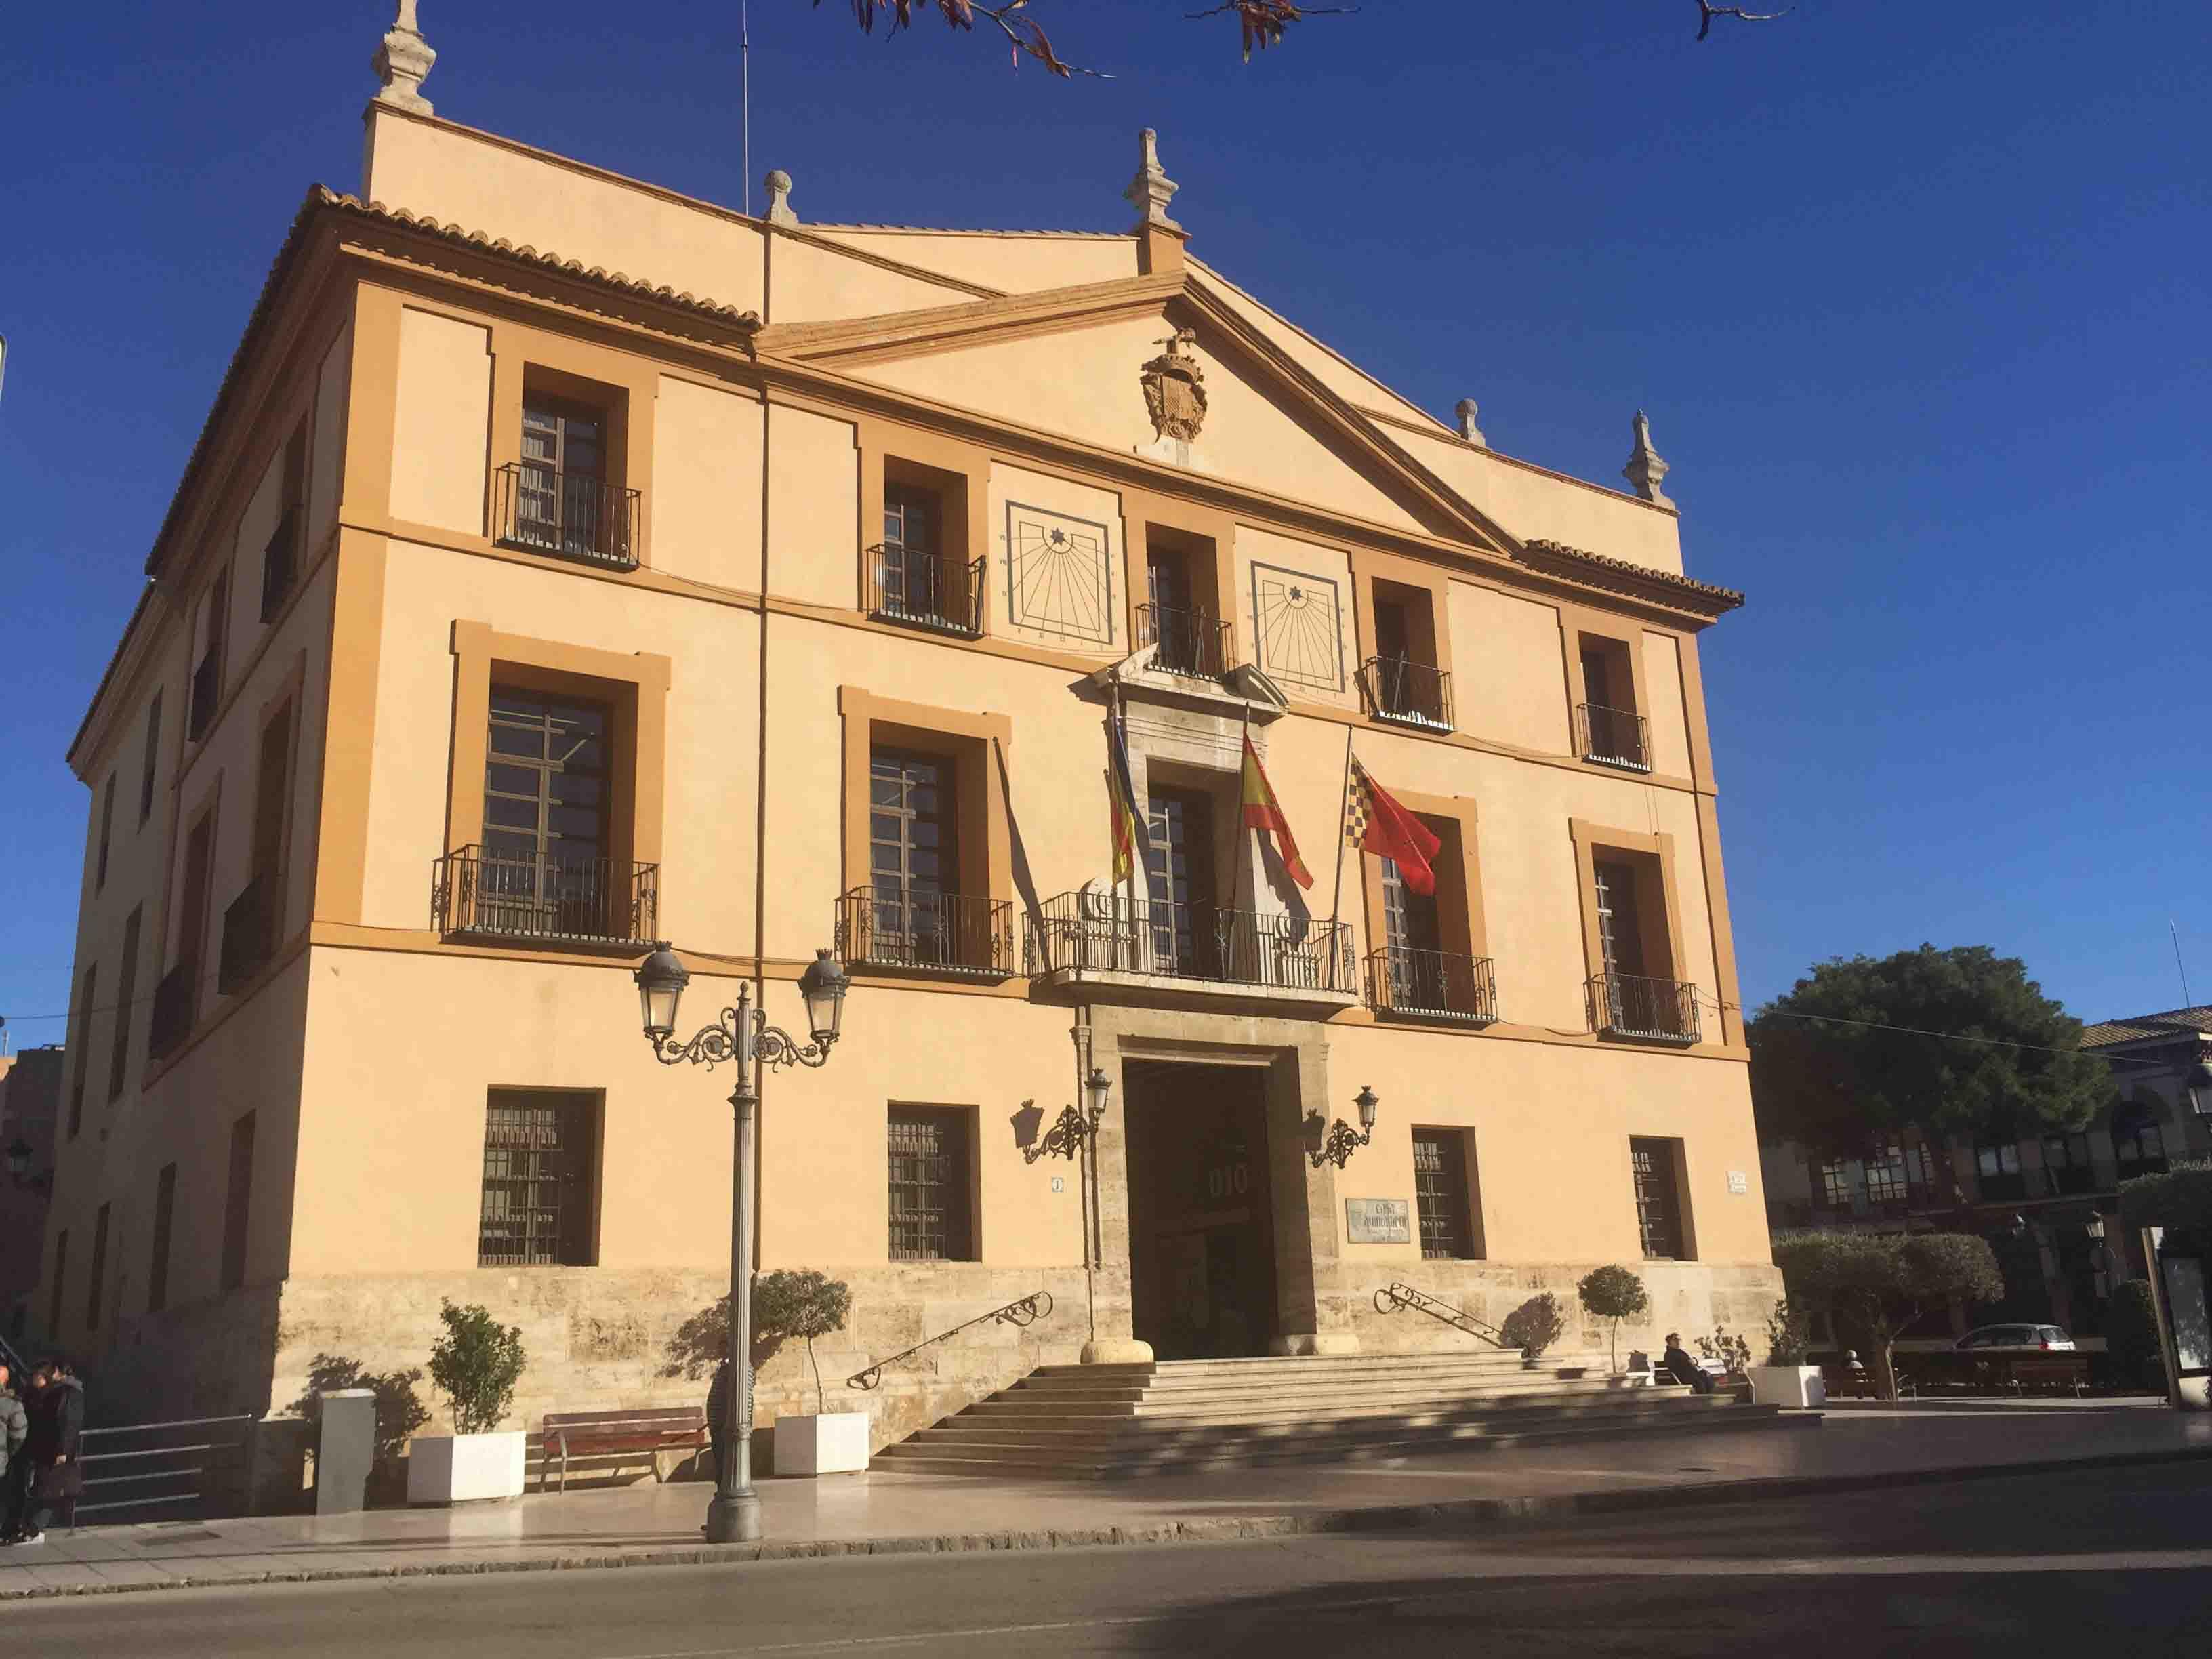 51 condenados podrán realizar en Paterna trabajos en beneficio de la comunidad